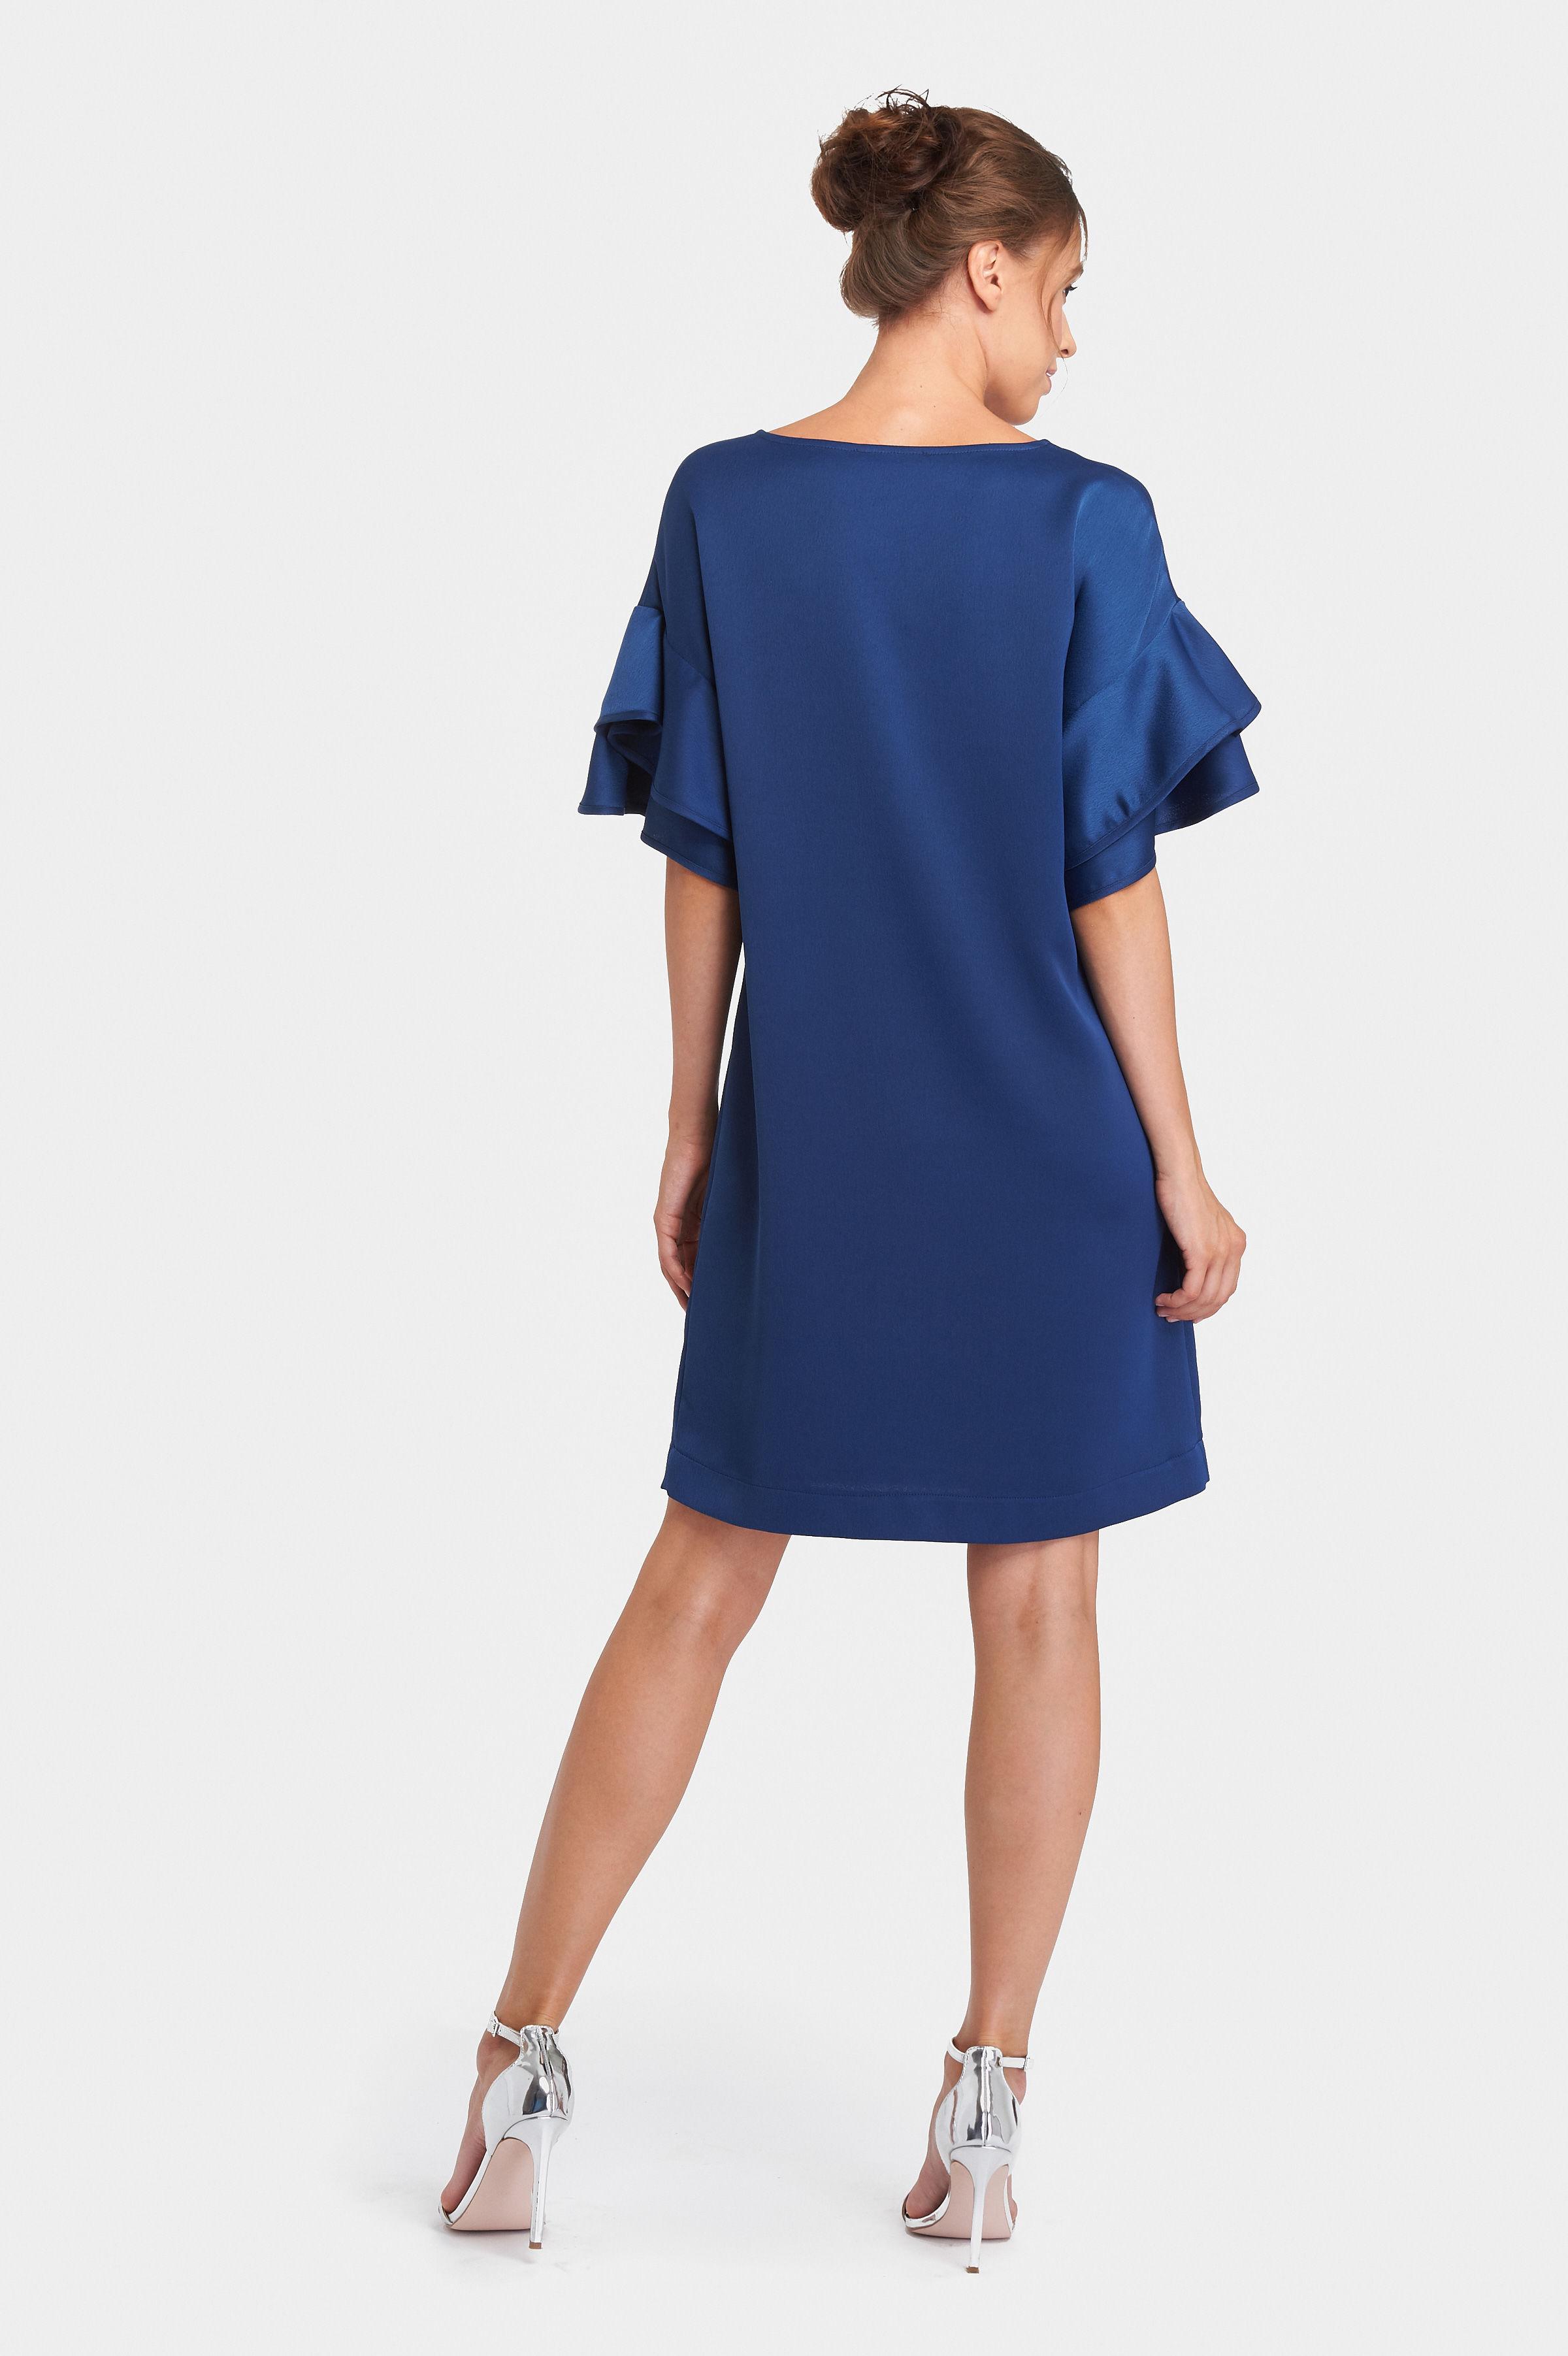 b15ada9123 šaty Esmes satén - JAR LETO 2018 výpredaj - E-SHOP - Chantall.sk